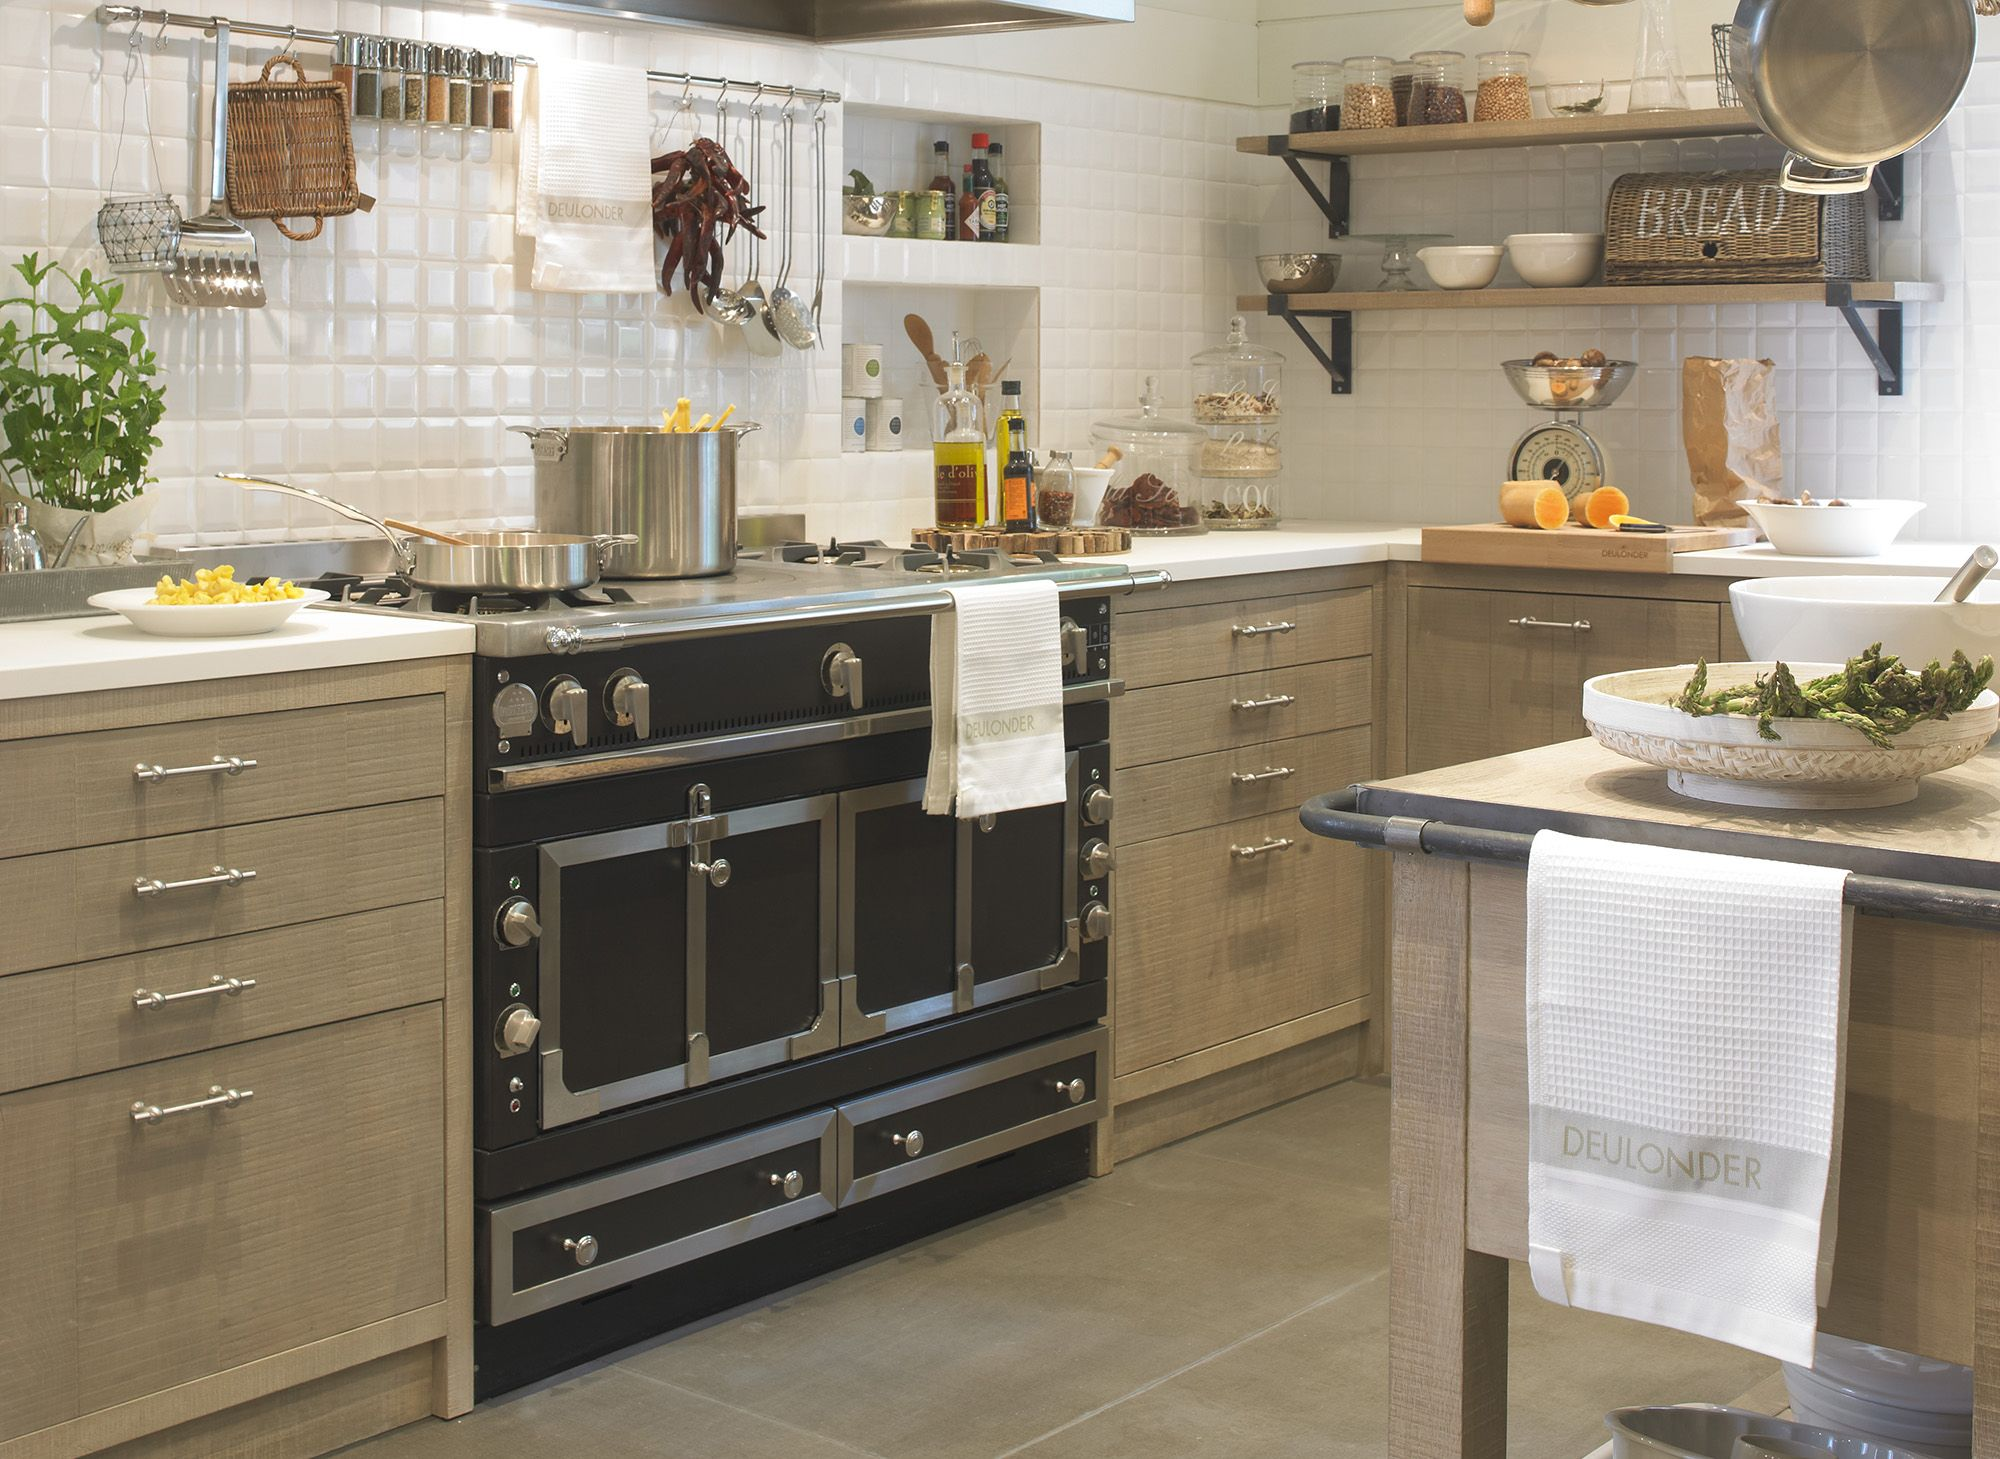 La Cornue, hornos artesanos para los amantes de la cocina. #LaCornue ...